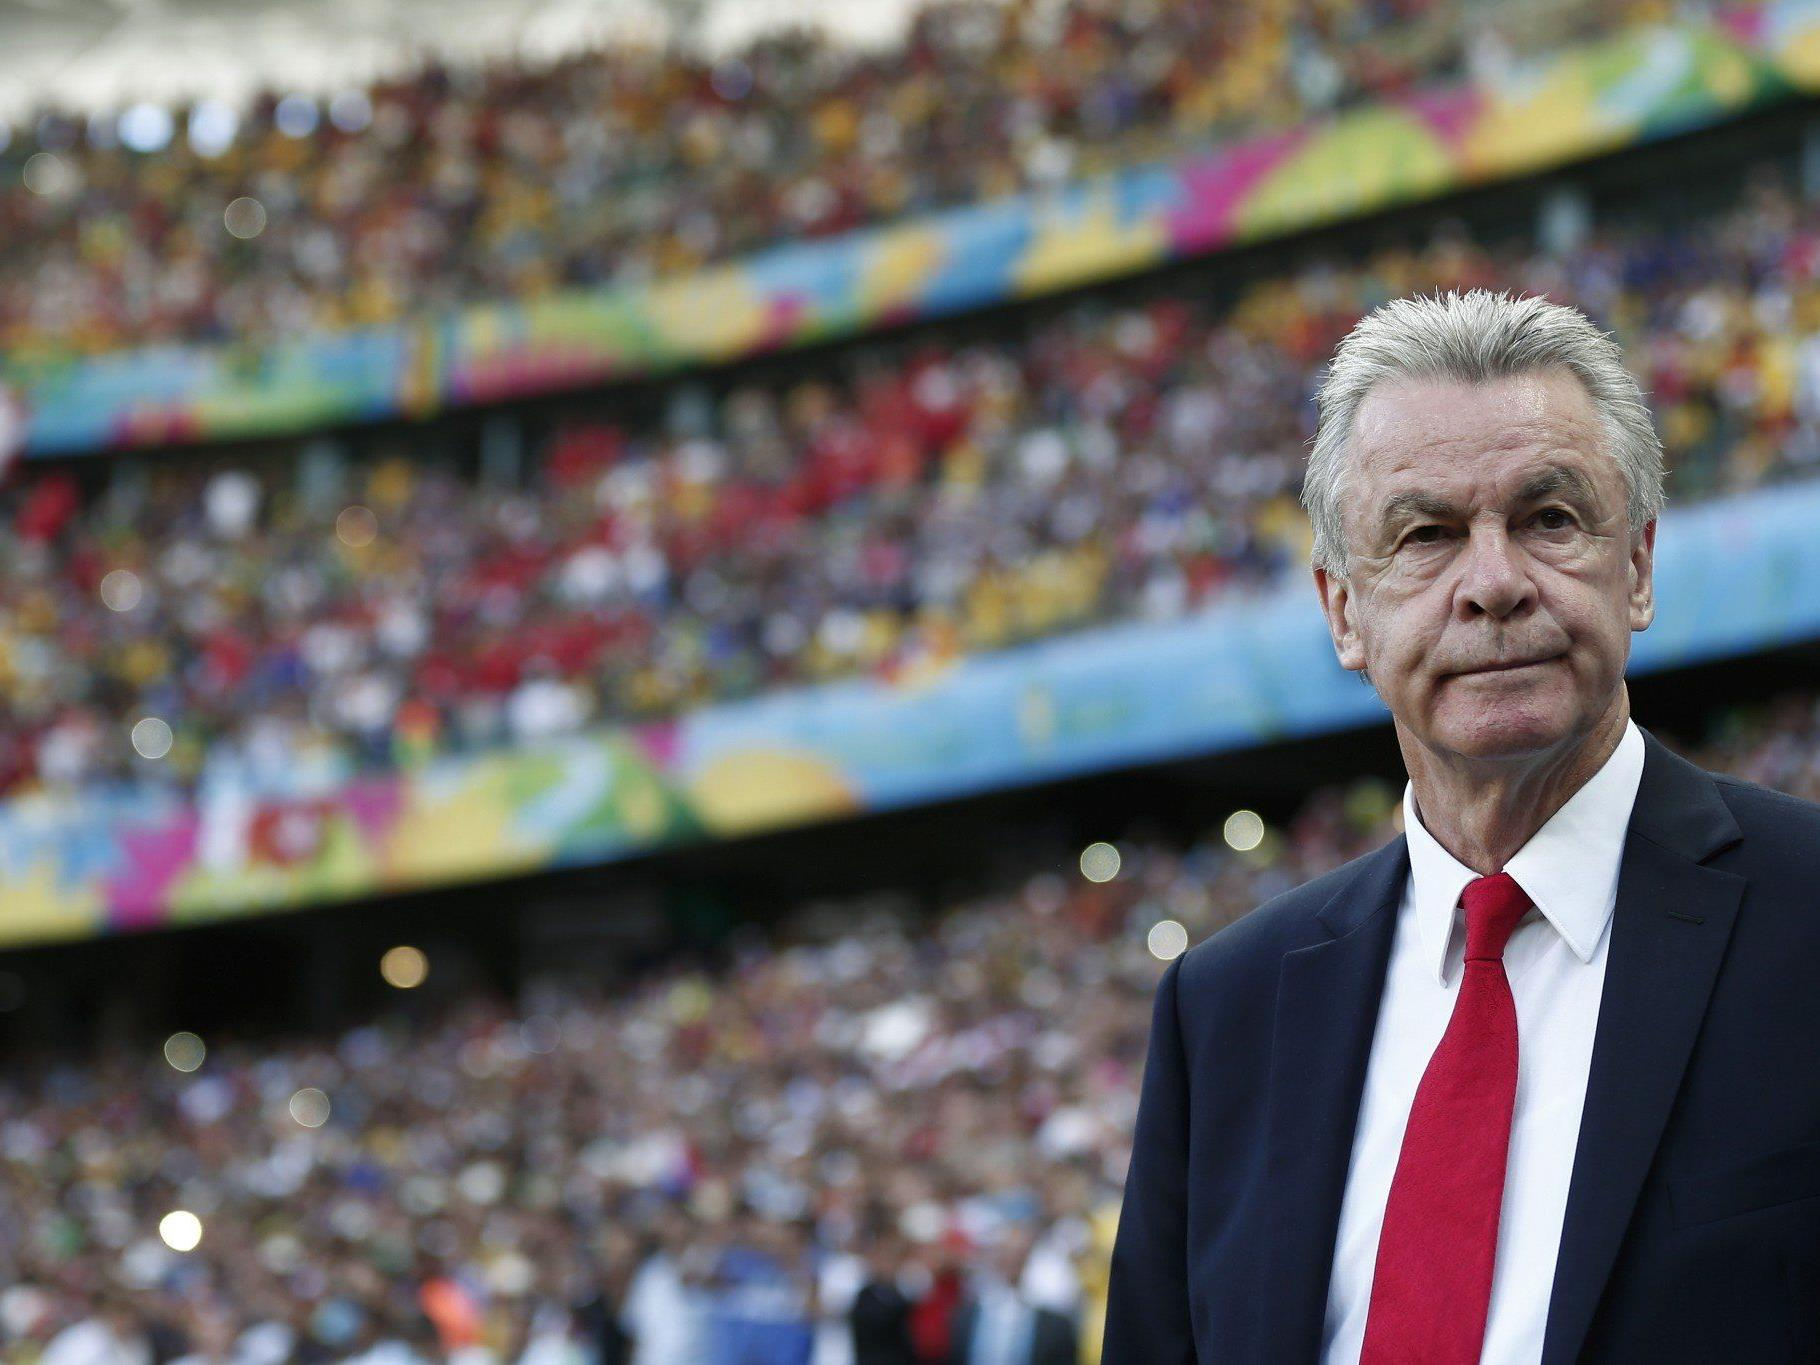 Ein großer Trainer verlässt das Feld: Es war ein bitteres WM-Aus für die Schweiz und ein bitterer Abschied für Ottmar Hitzfeld.